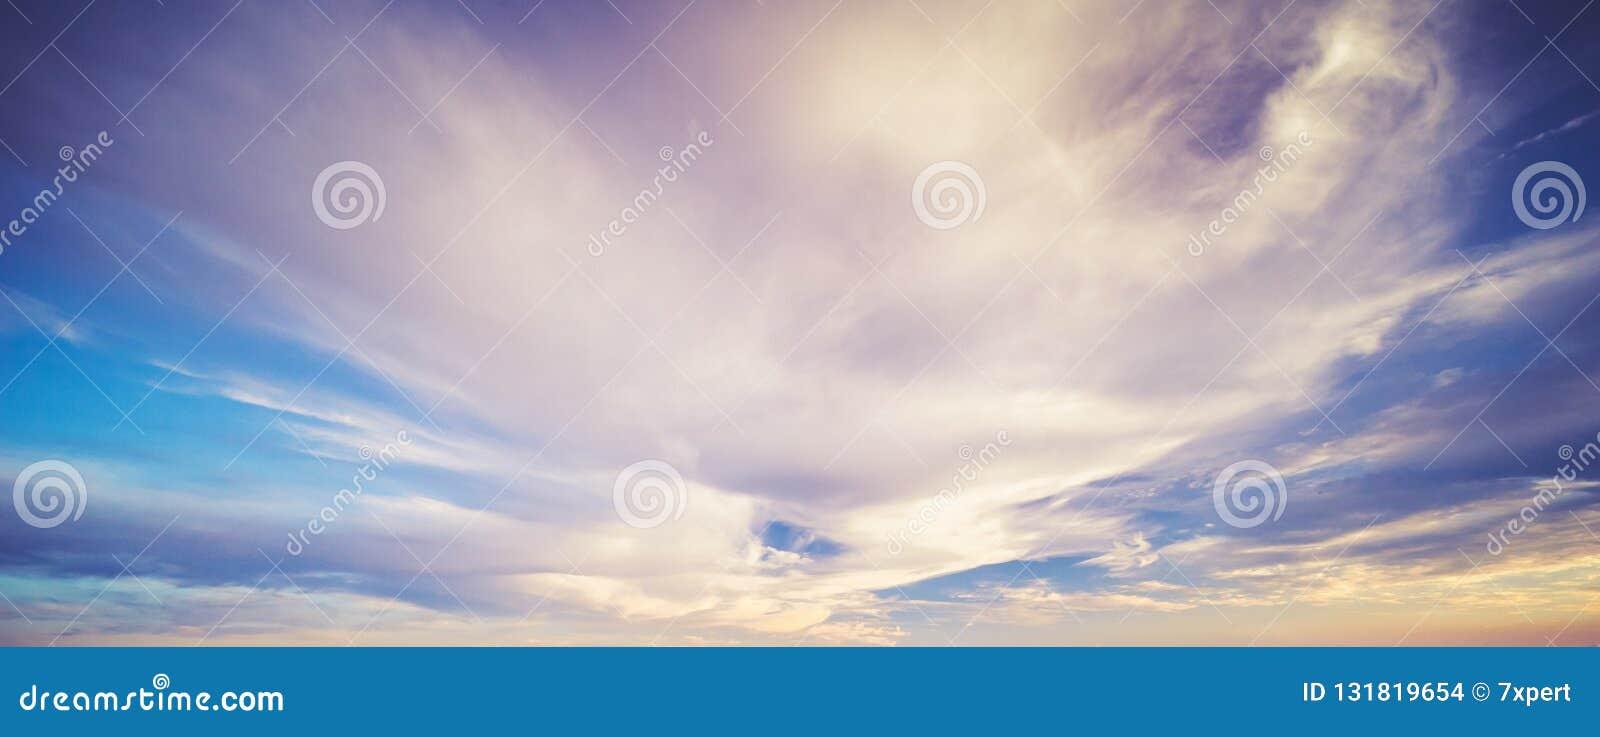 Nuvole del cielo di estate